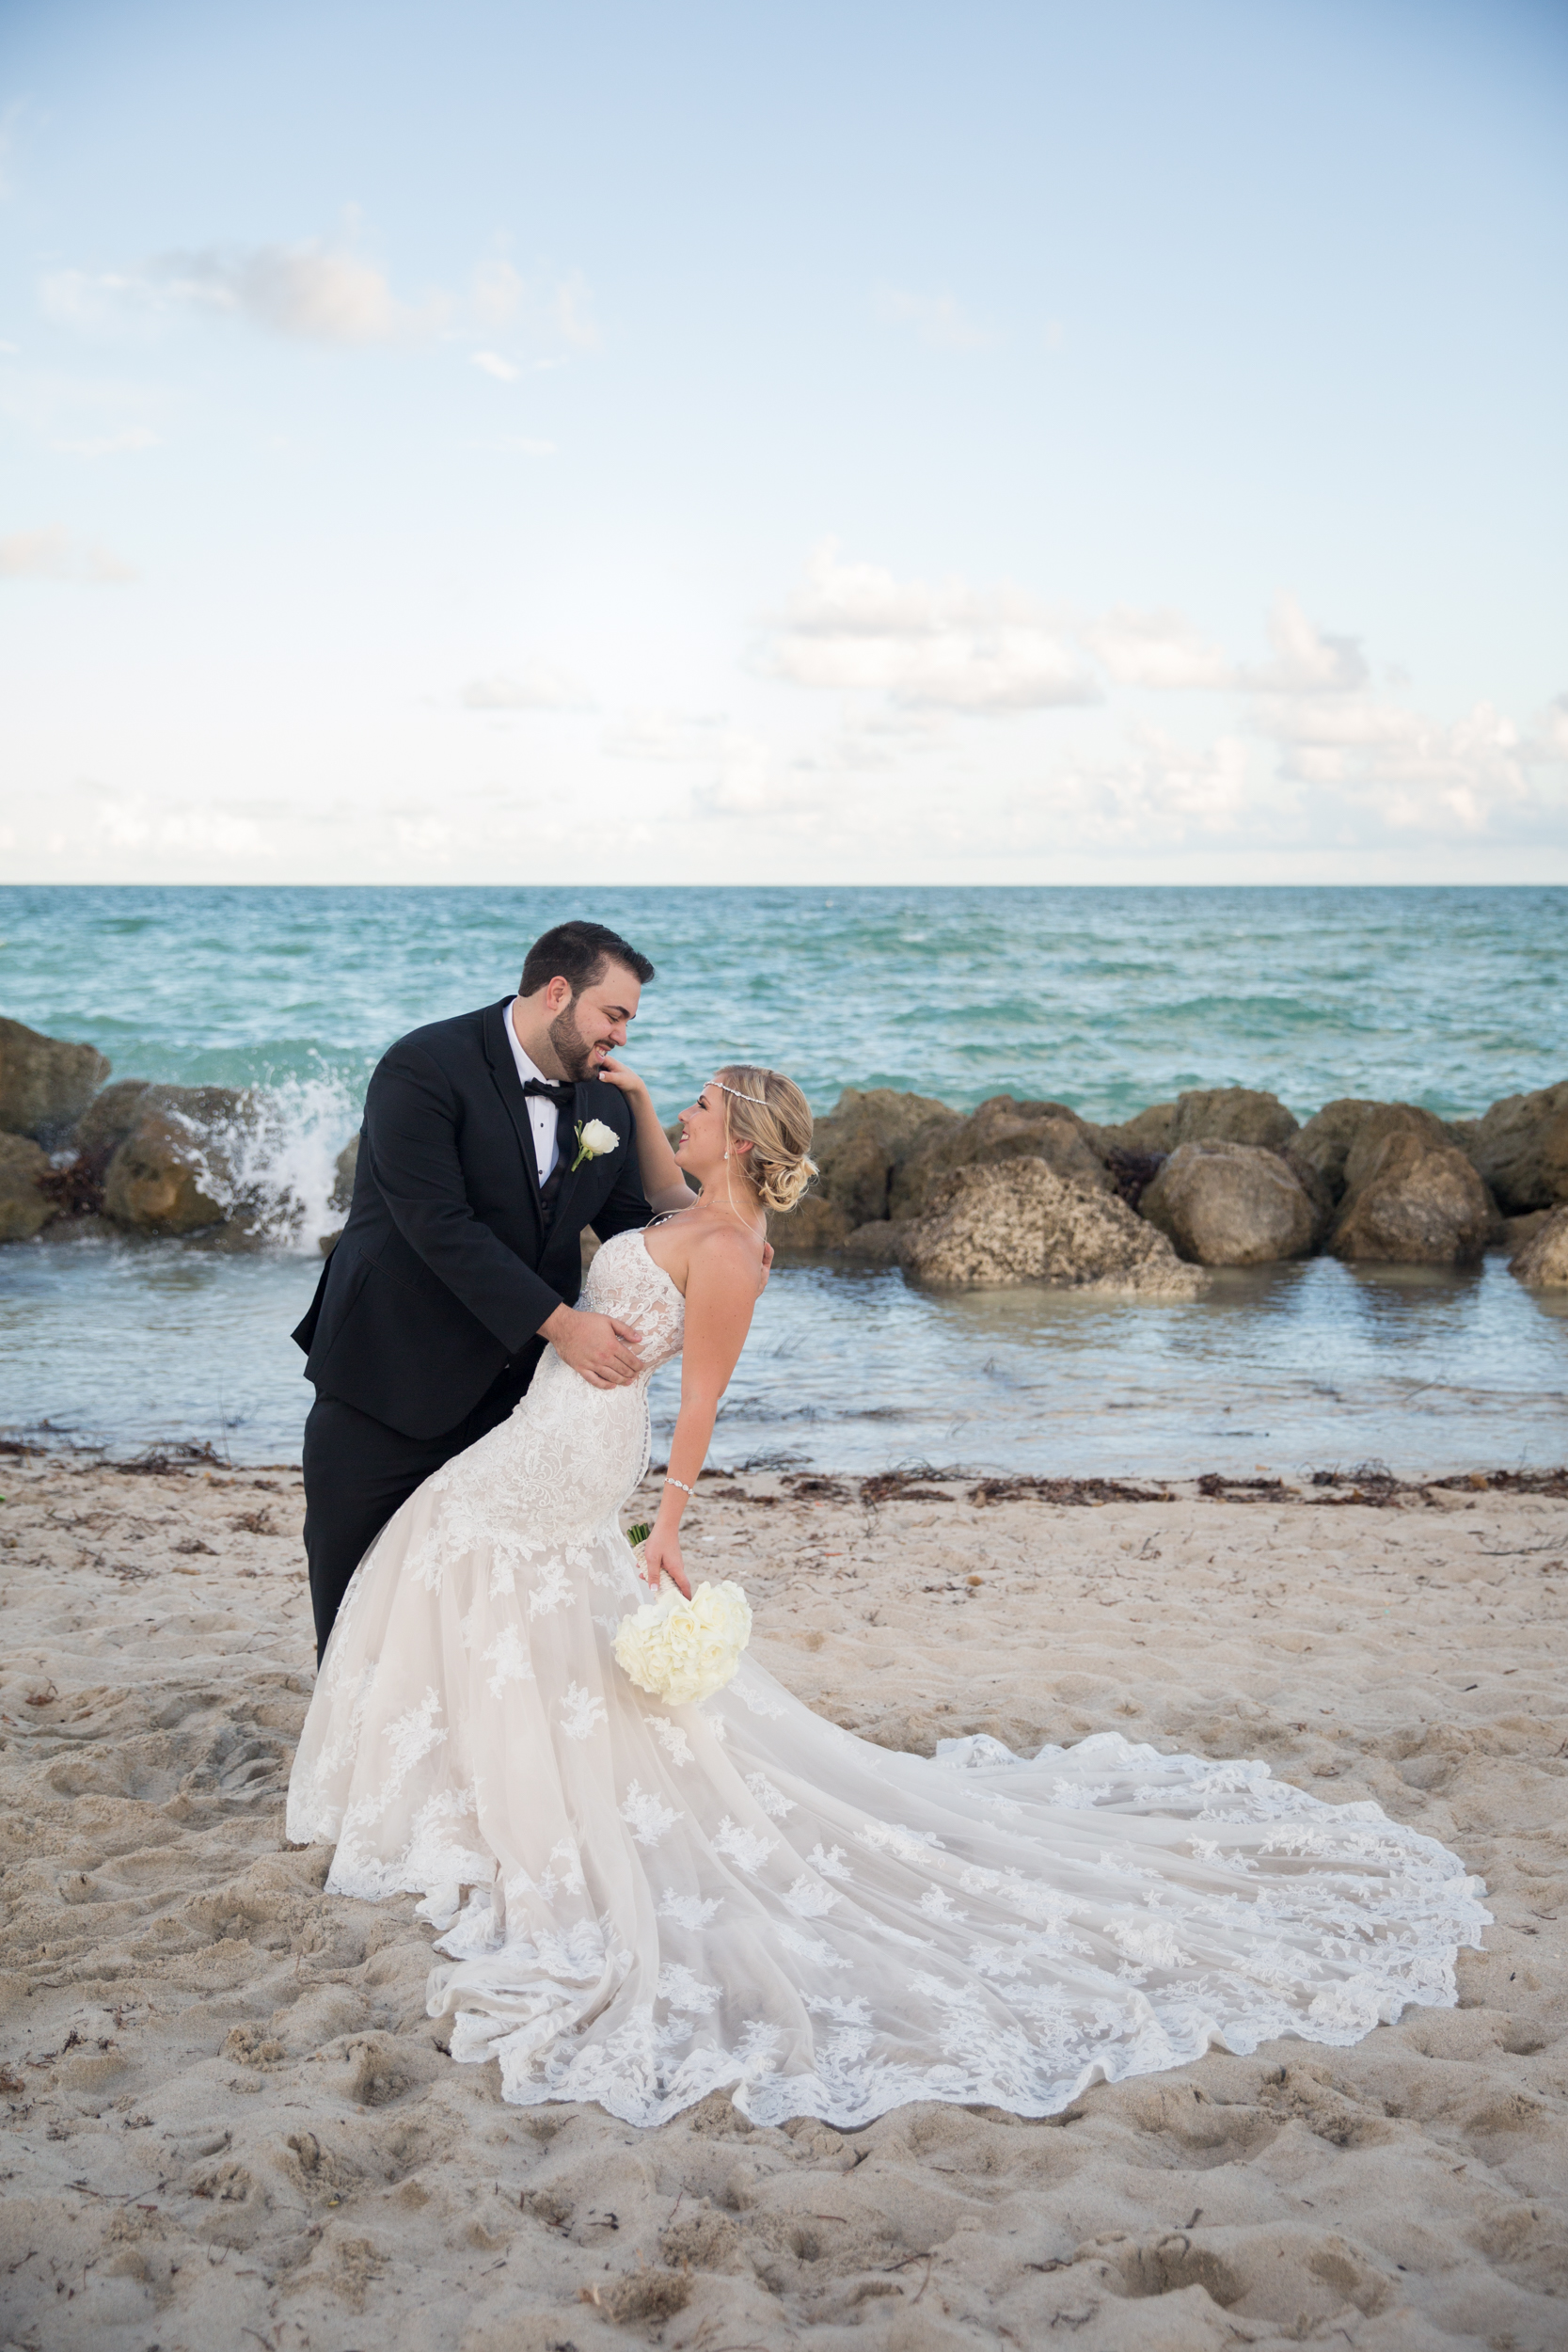 10-14-17_AshleyRichard_Wedding-96.jpg